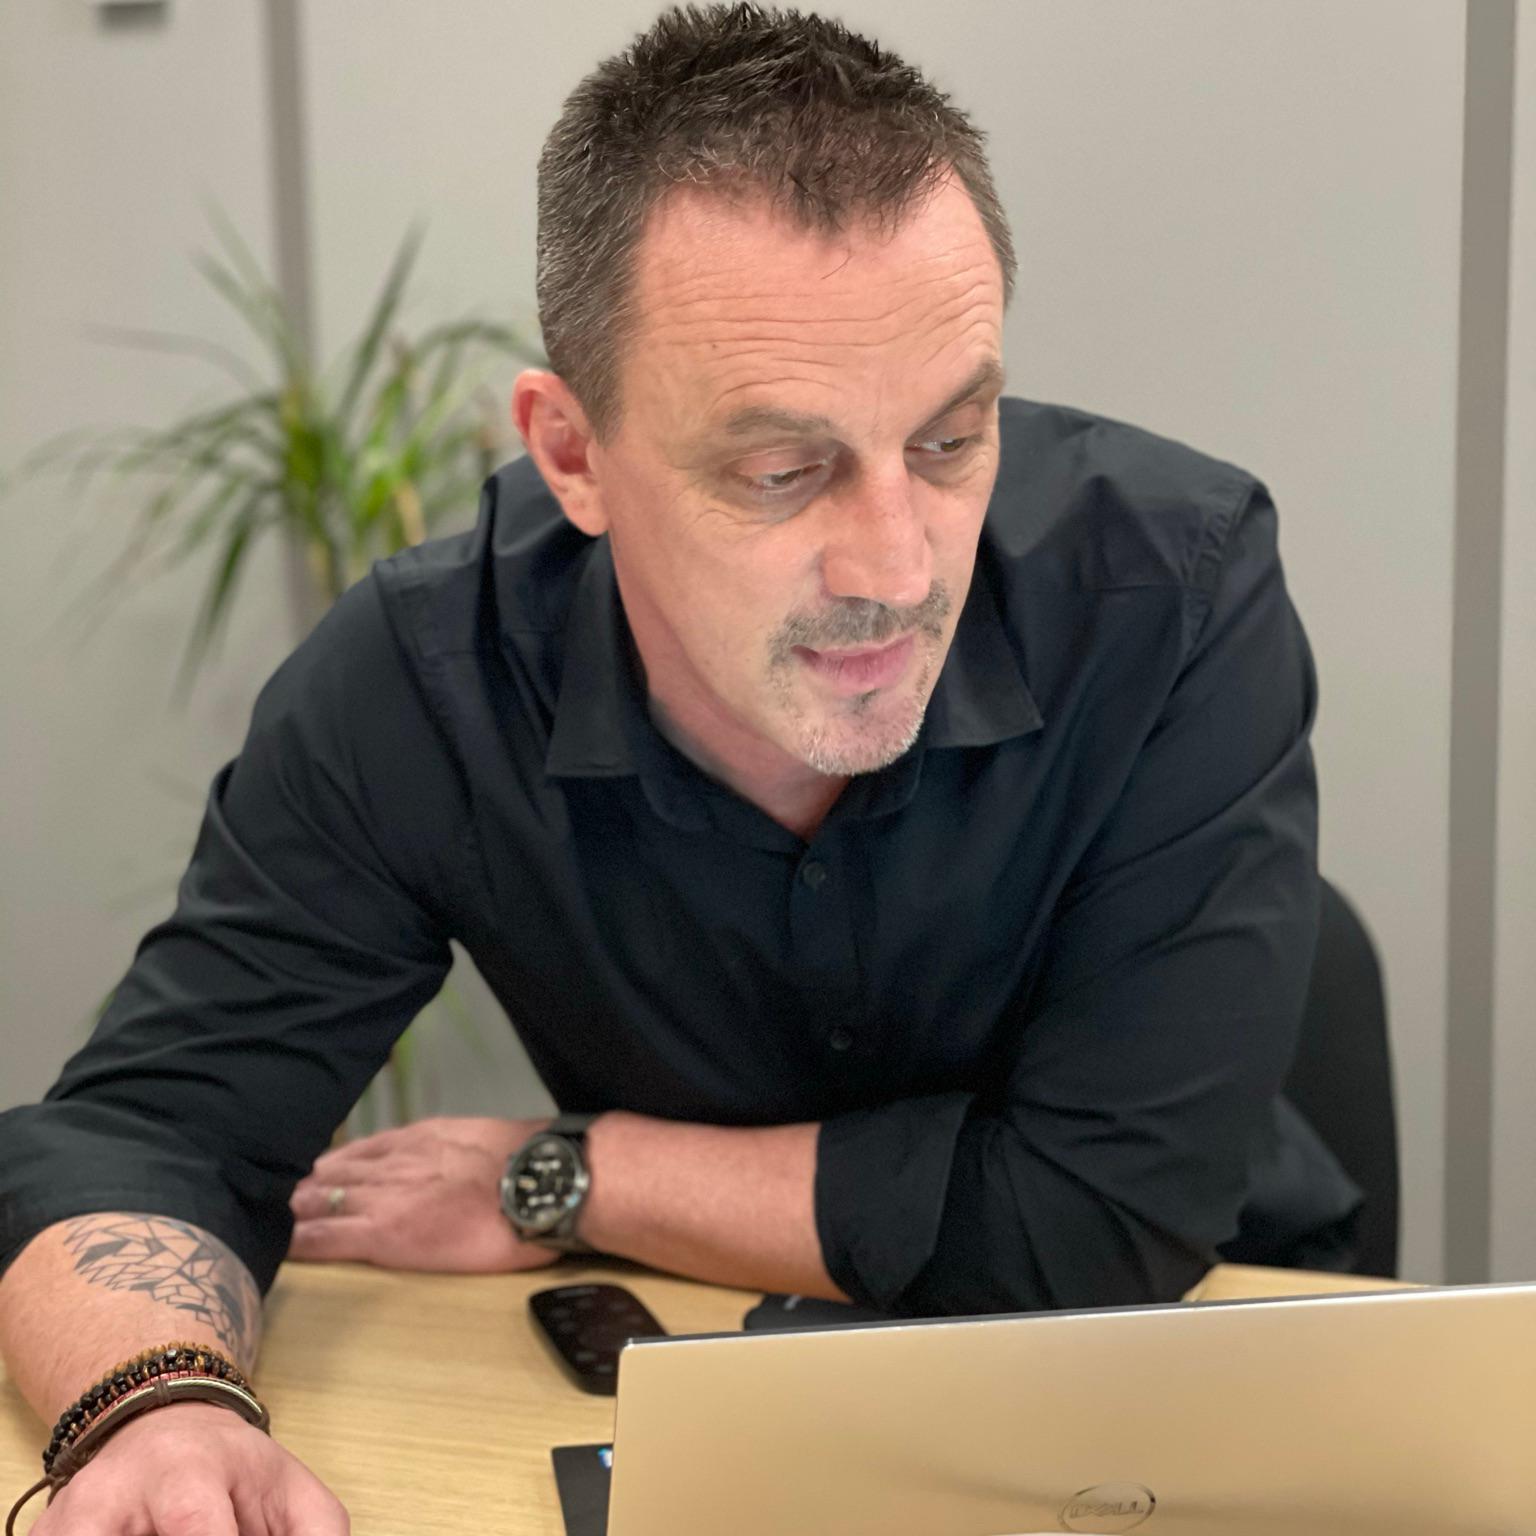 photographie ludovic rancoul directeur technique sns security webinar